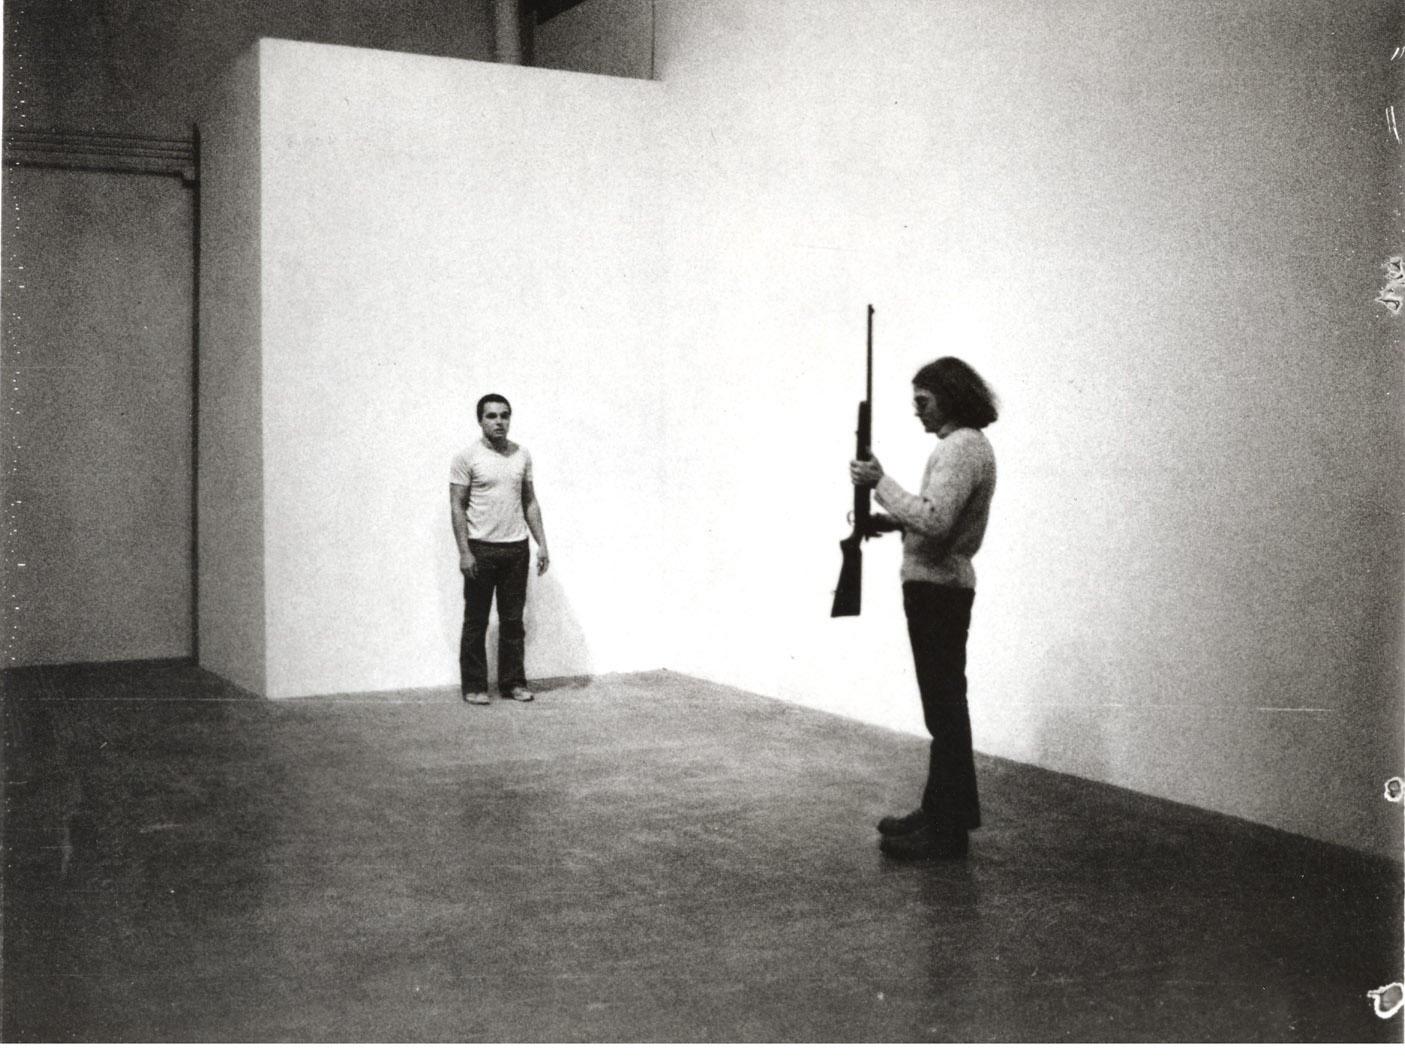 2. Burden_Shoot, 1971